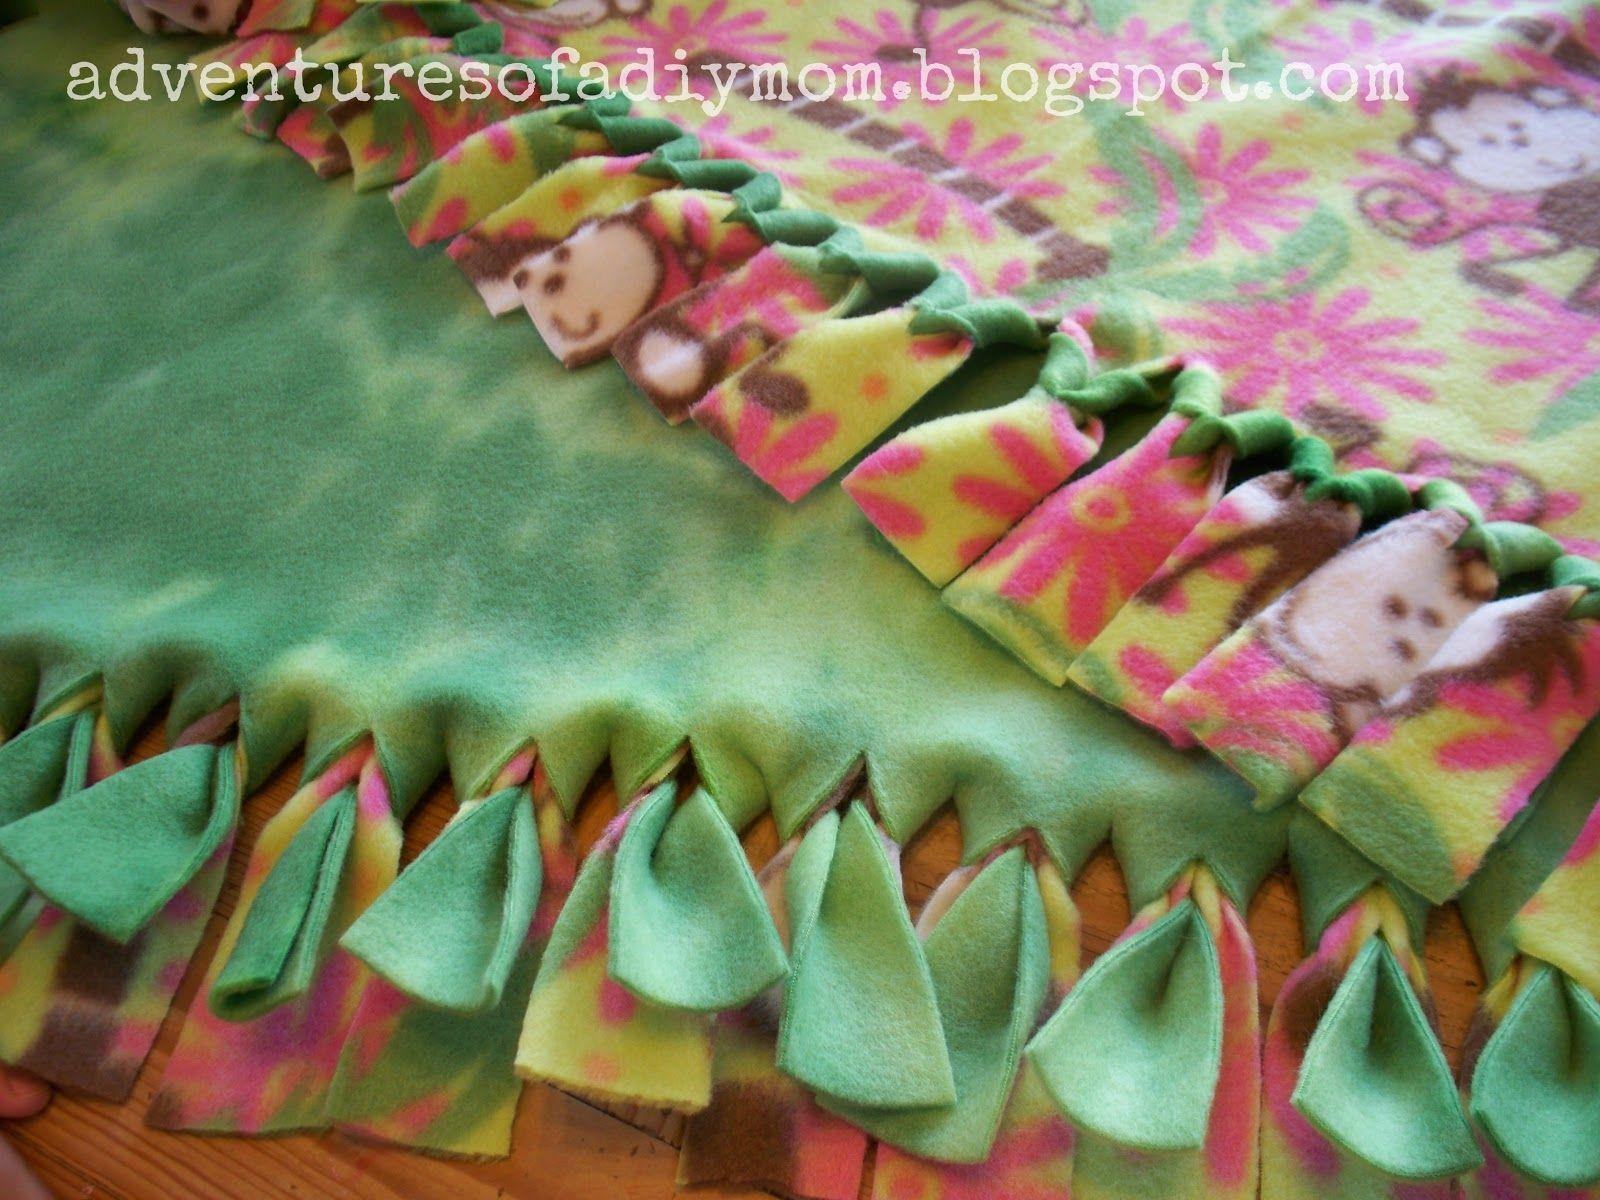 No Sew Fleece Blanket | Fleece tie blankets, Tie blankets and Blanket : tied fleece quilt - Adamdwight.com